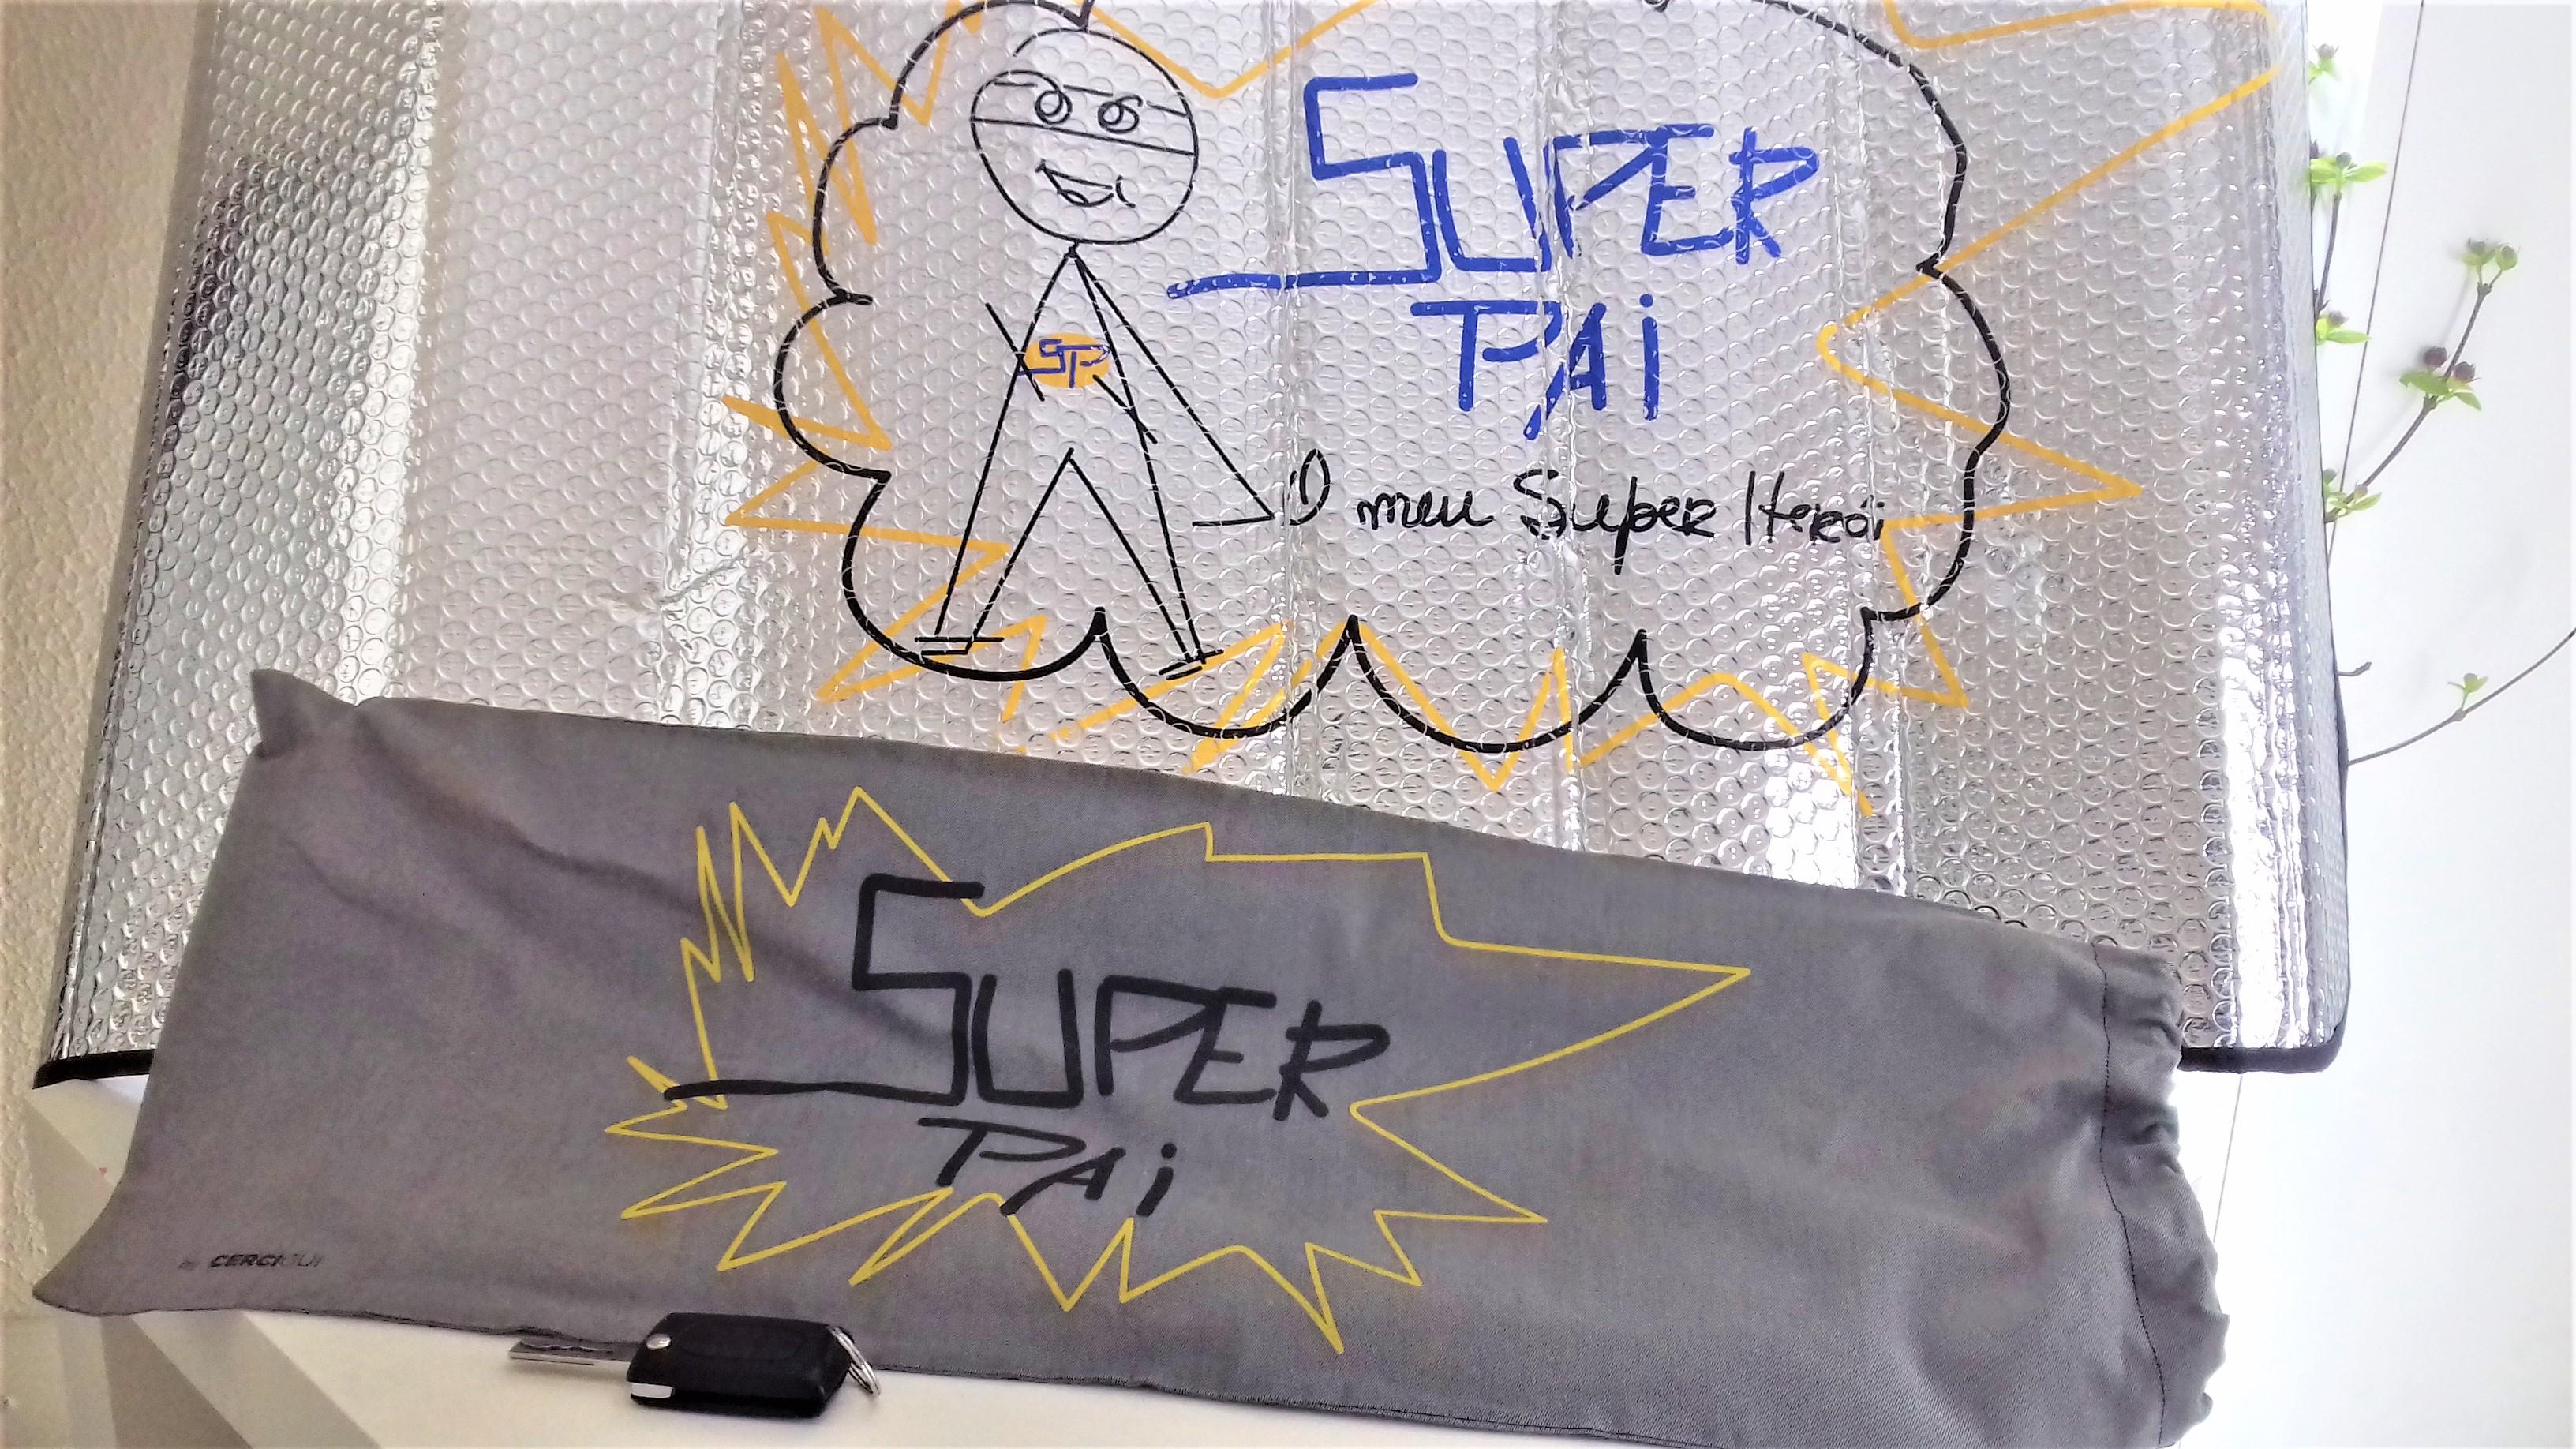 :: UM PRESENTE EXCLUSIVO PARA SUPER PAIS! ::